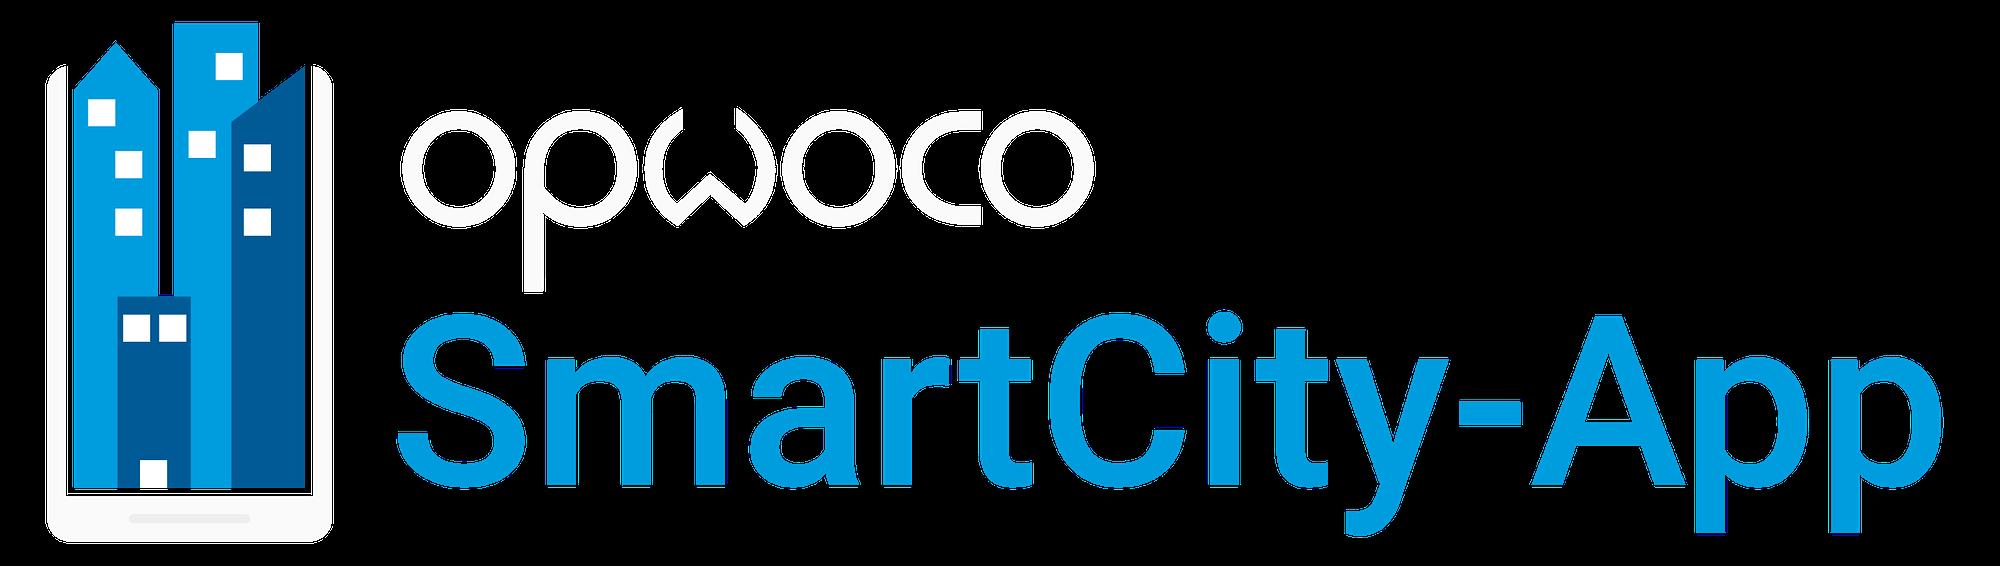 SmartCity-App Logo